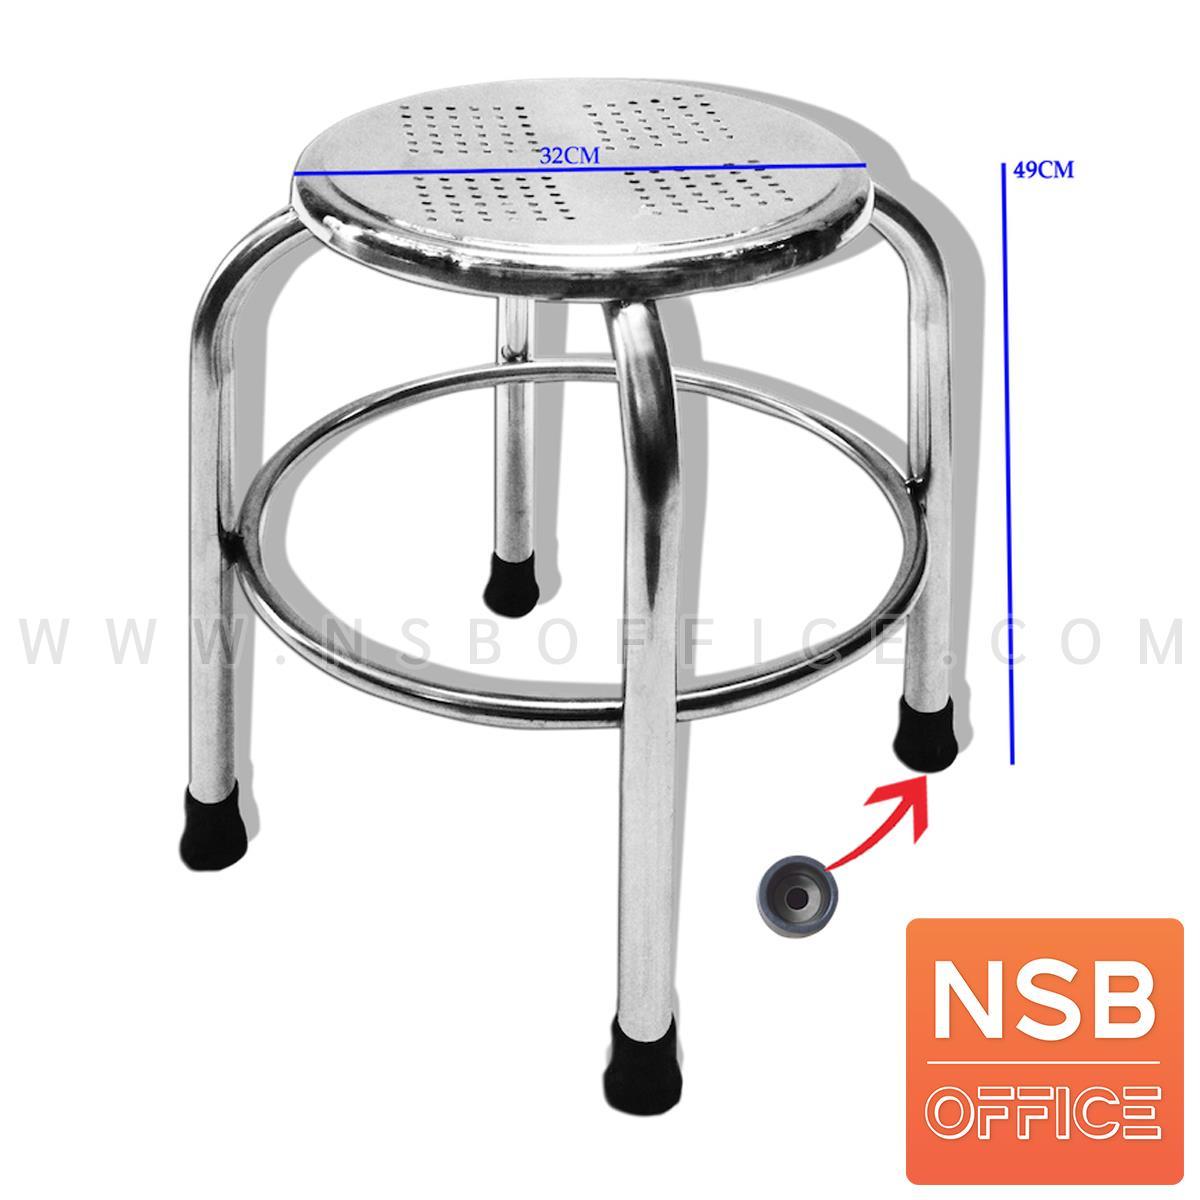 G12A287:เก้าอี้บาร์สแตนเลส รุ่น Earlene (เออลีน) ขนาด 32 ซม. สเตนเลสล้วน